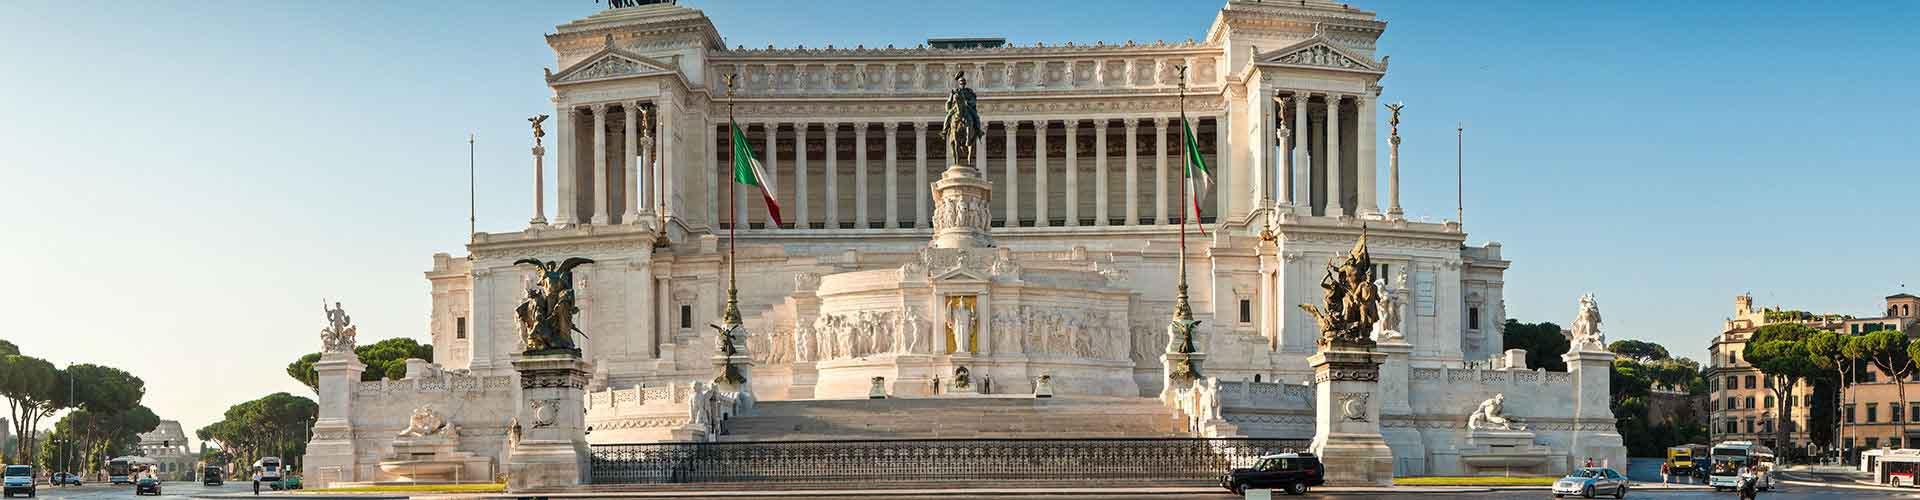 Roma - Albergues Juveniles cerca a Monumento a Vittorio Emanuele II. Mapas de Roma, Fotos y Comentarios para cada Albergue Juvenil en Roma.